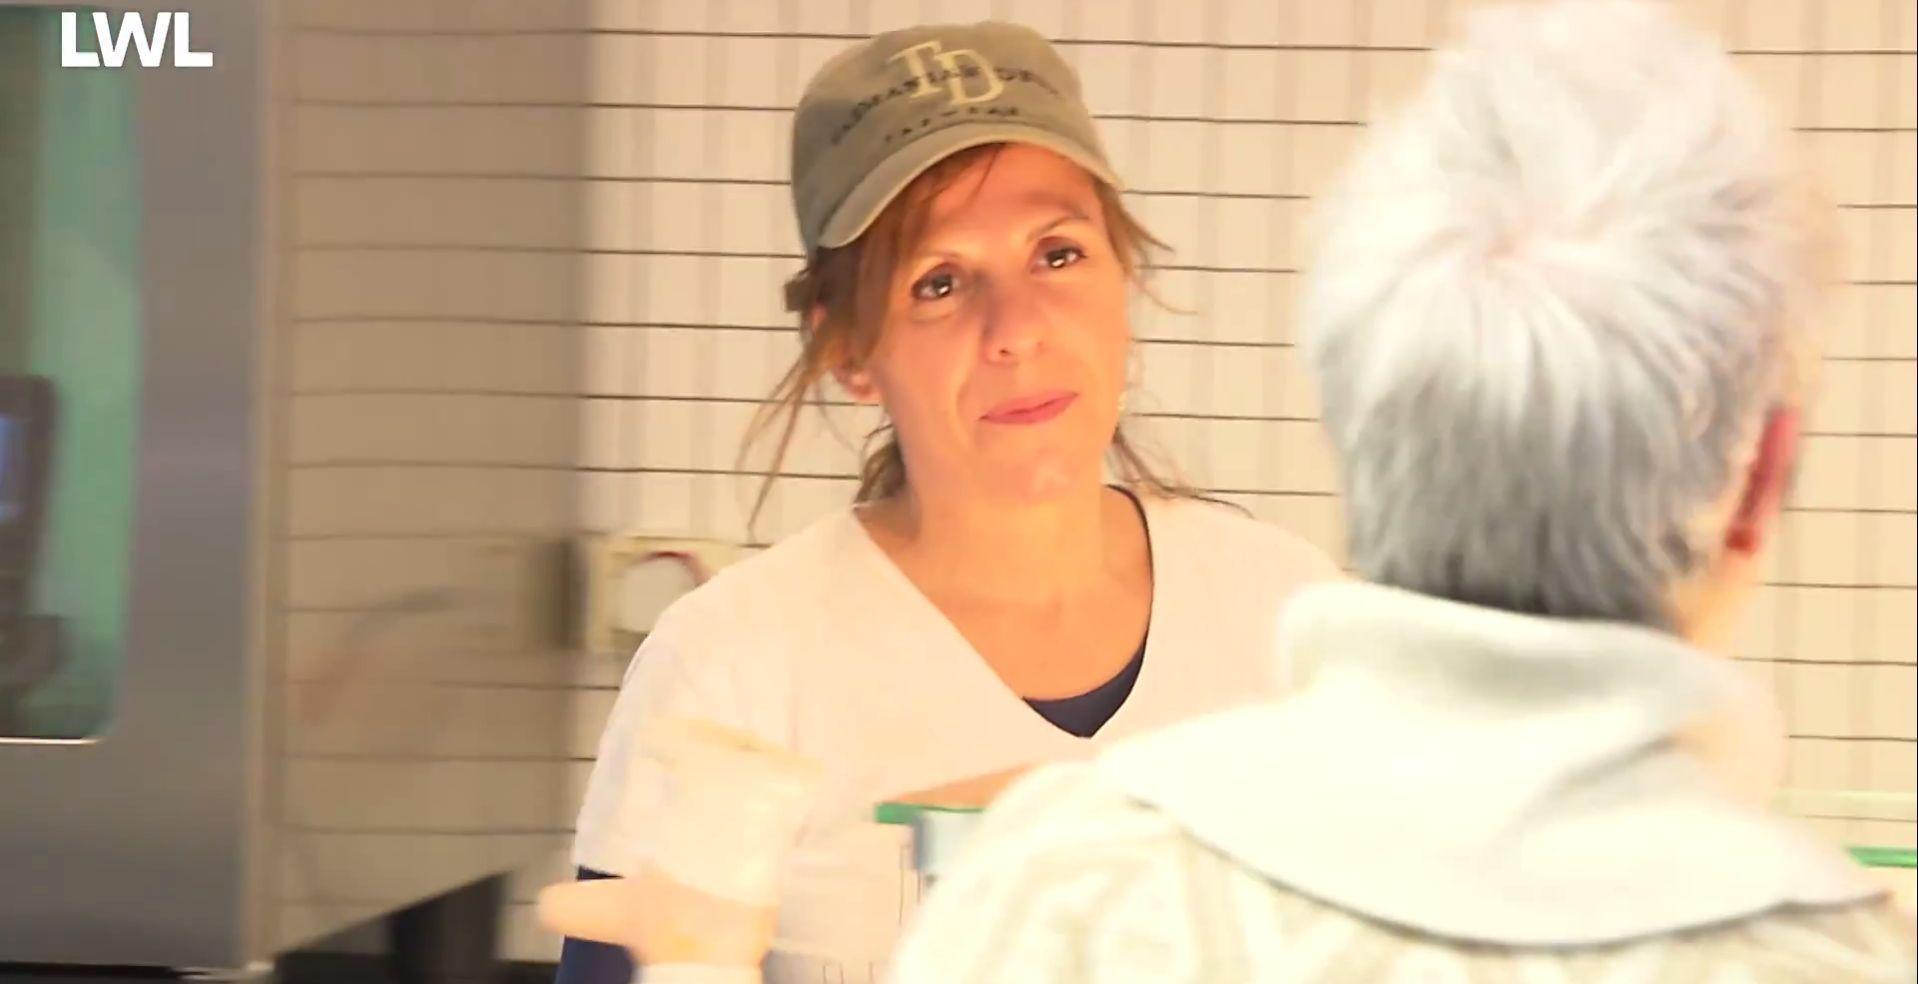 Eine Mitarbeiterin der AWO Service GmbH spricht über eine Theke mit einer Kundin, die nur von hinten zu sehen ist..